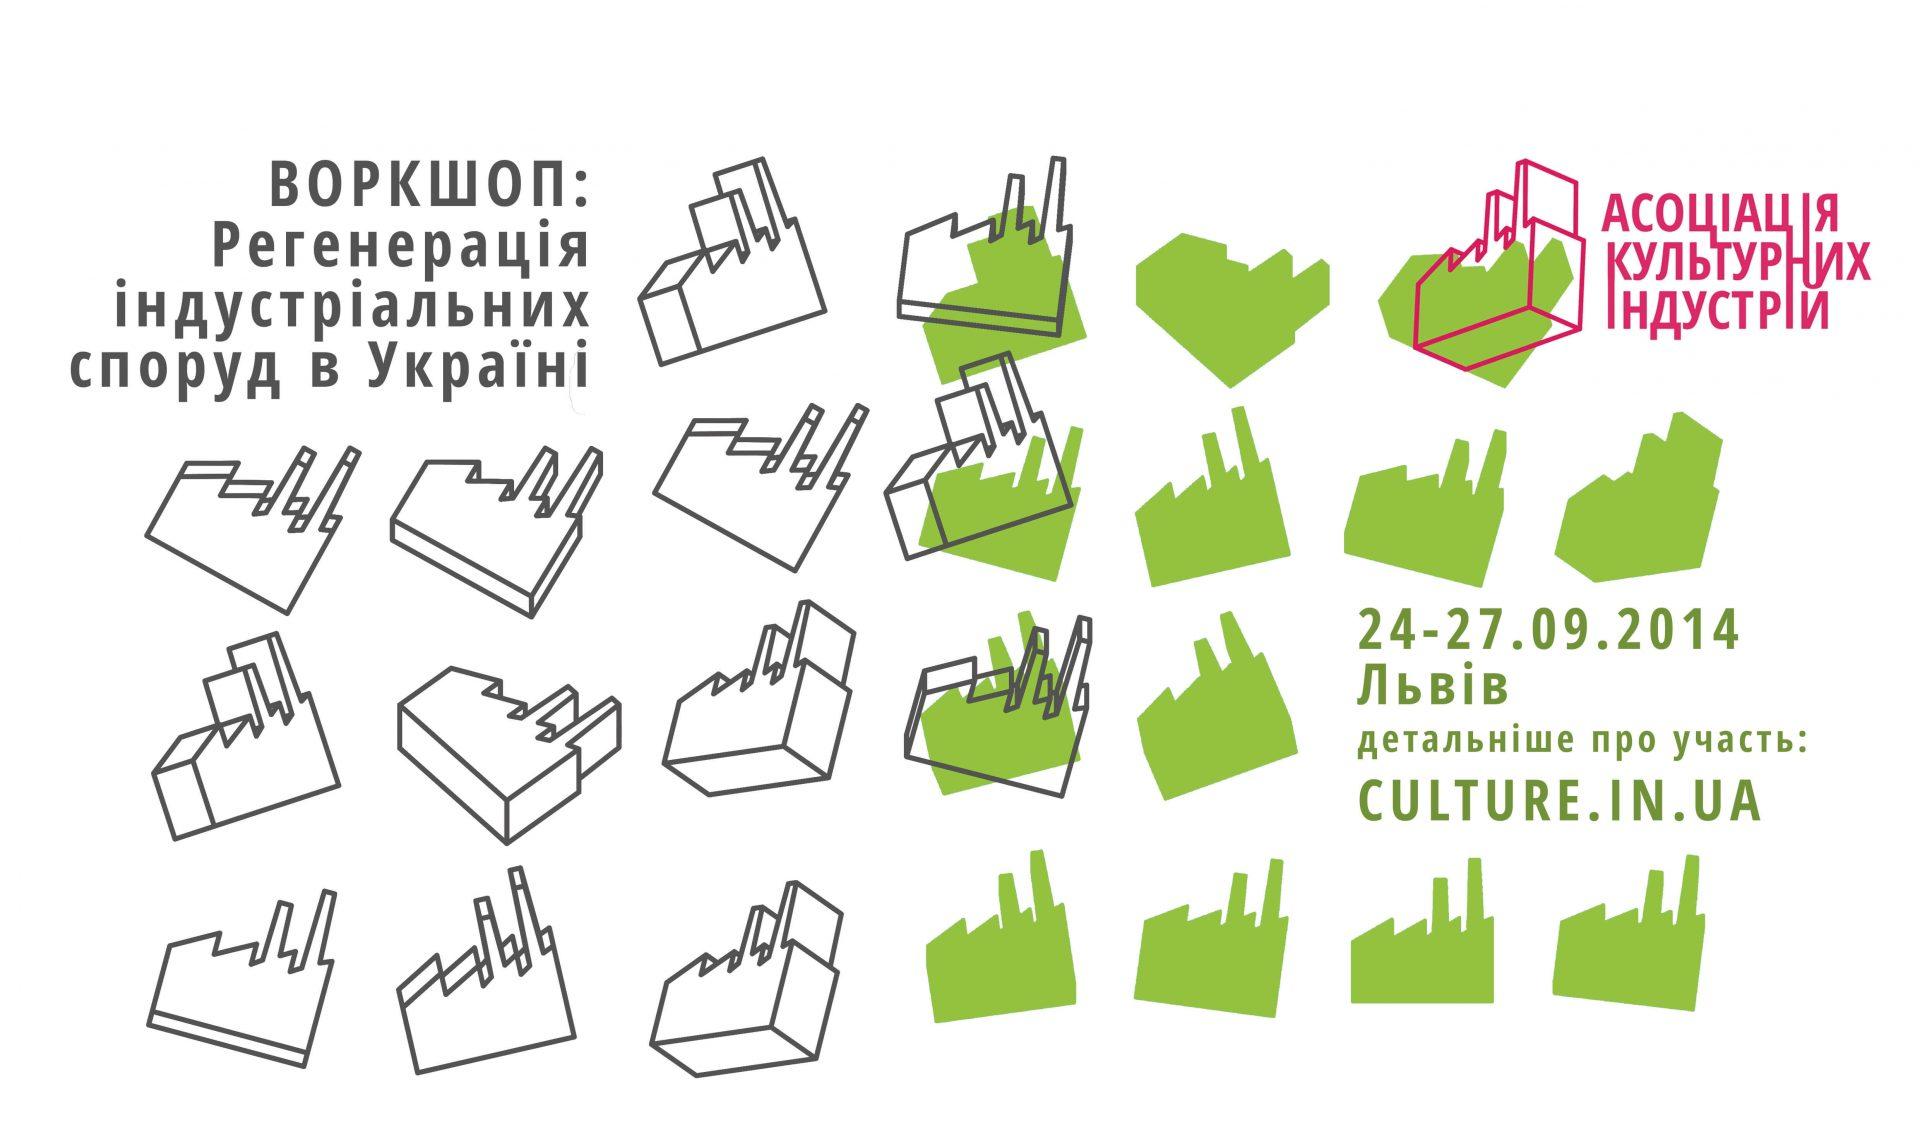 Regeneration of Industrial Structures in Ukraine